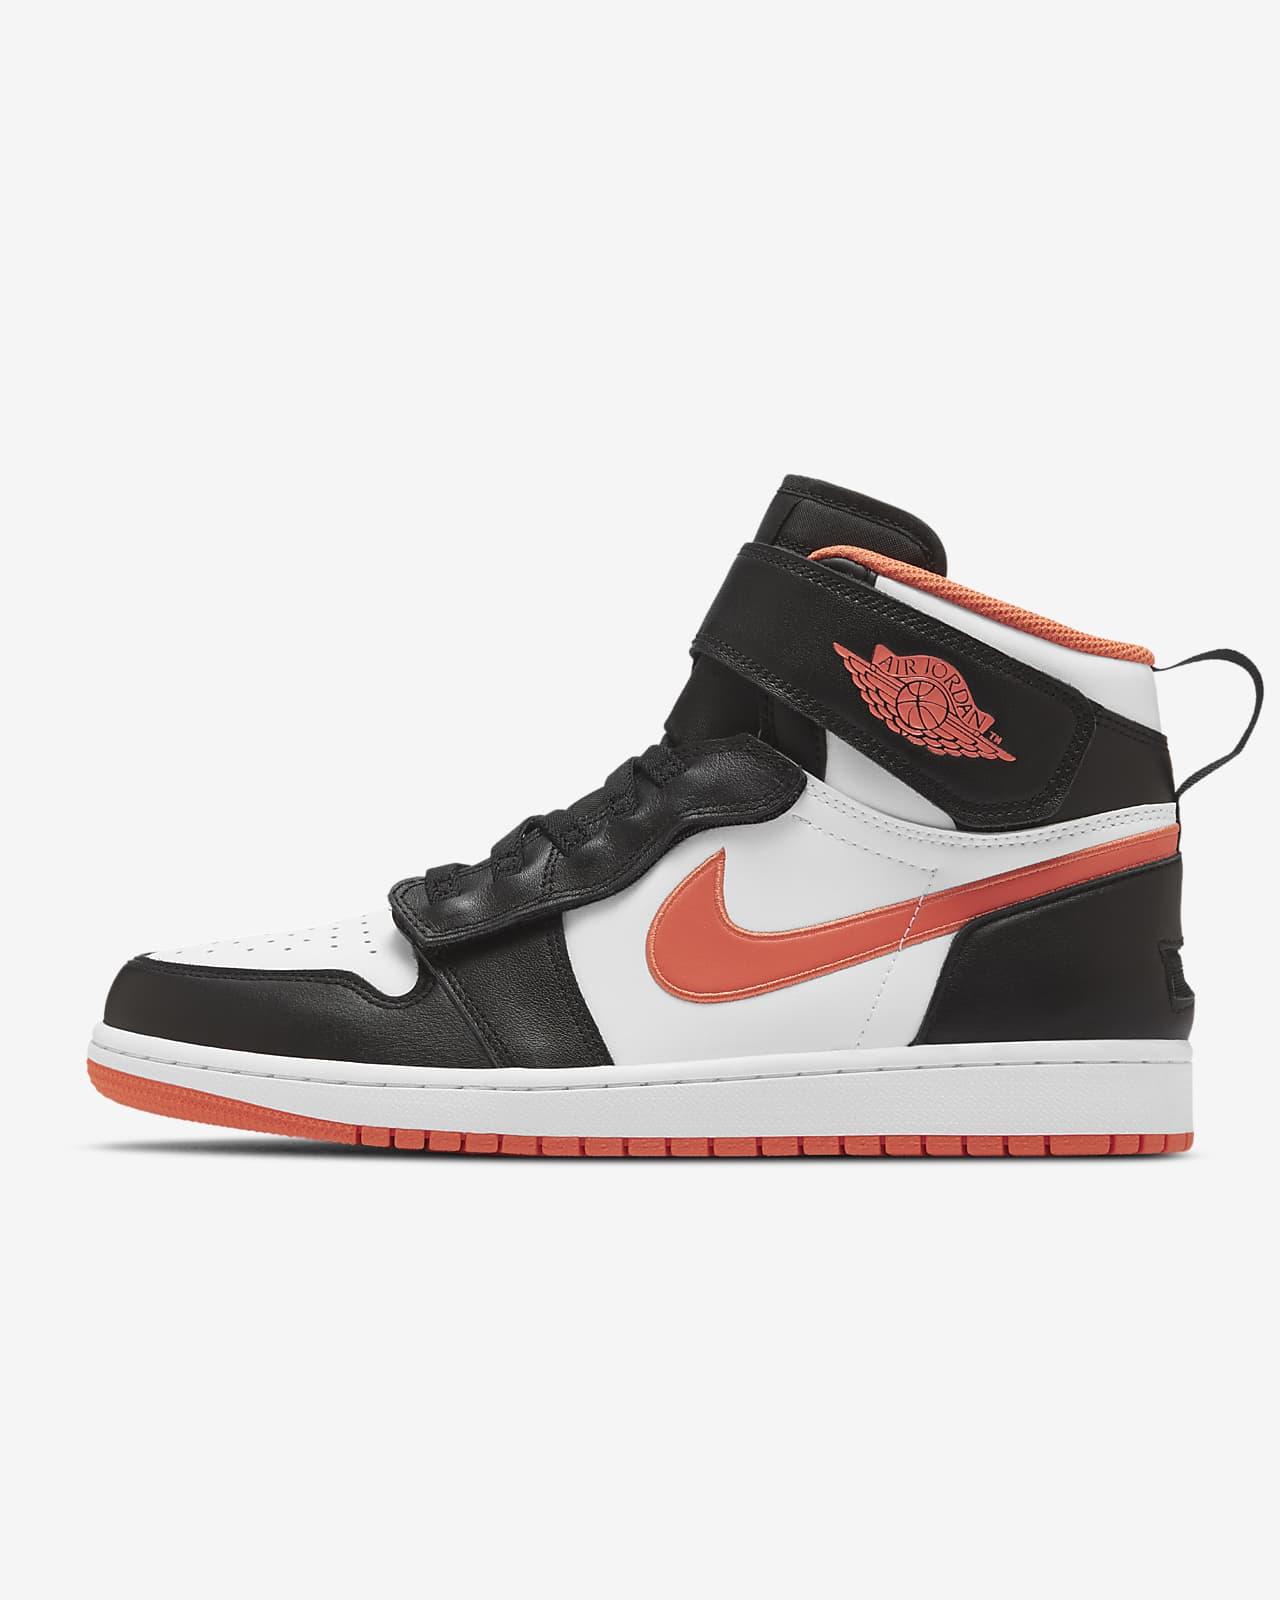 Air Jordan 1 HI FlyEase 男子运动鞋